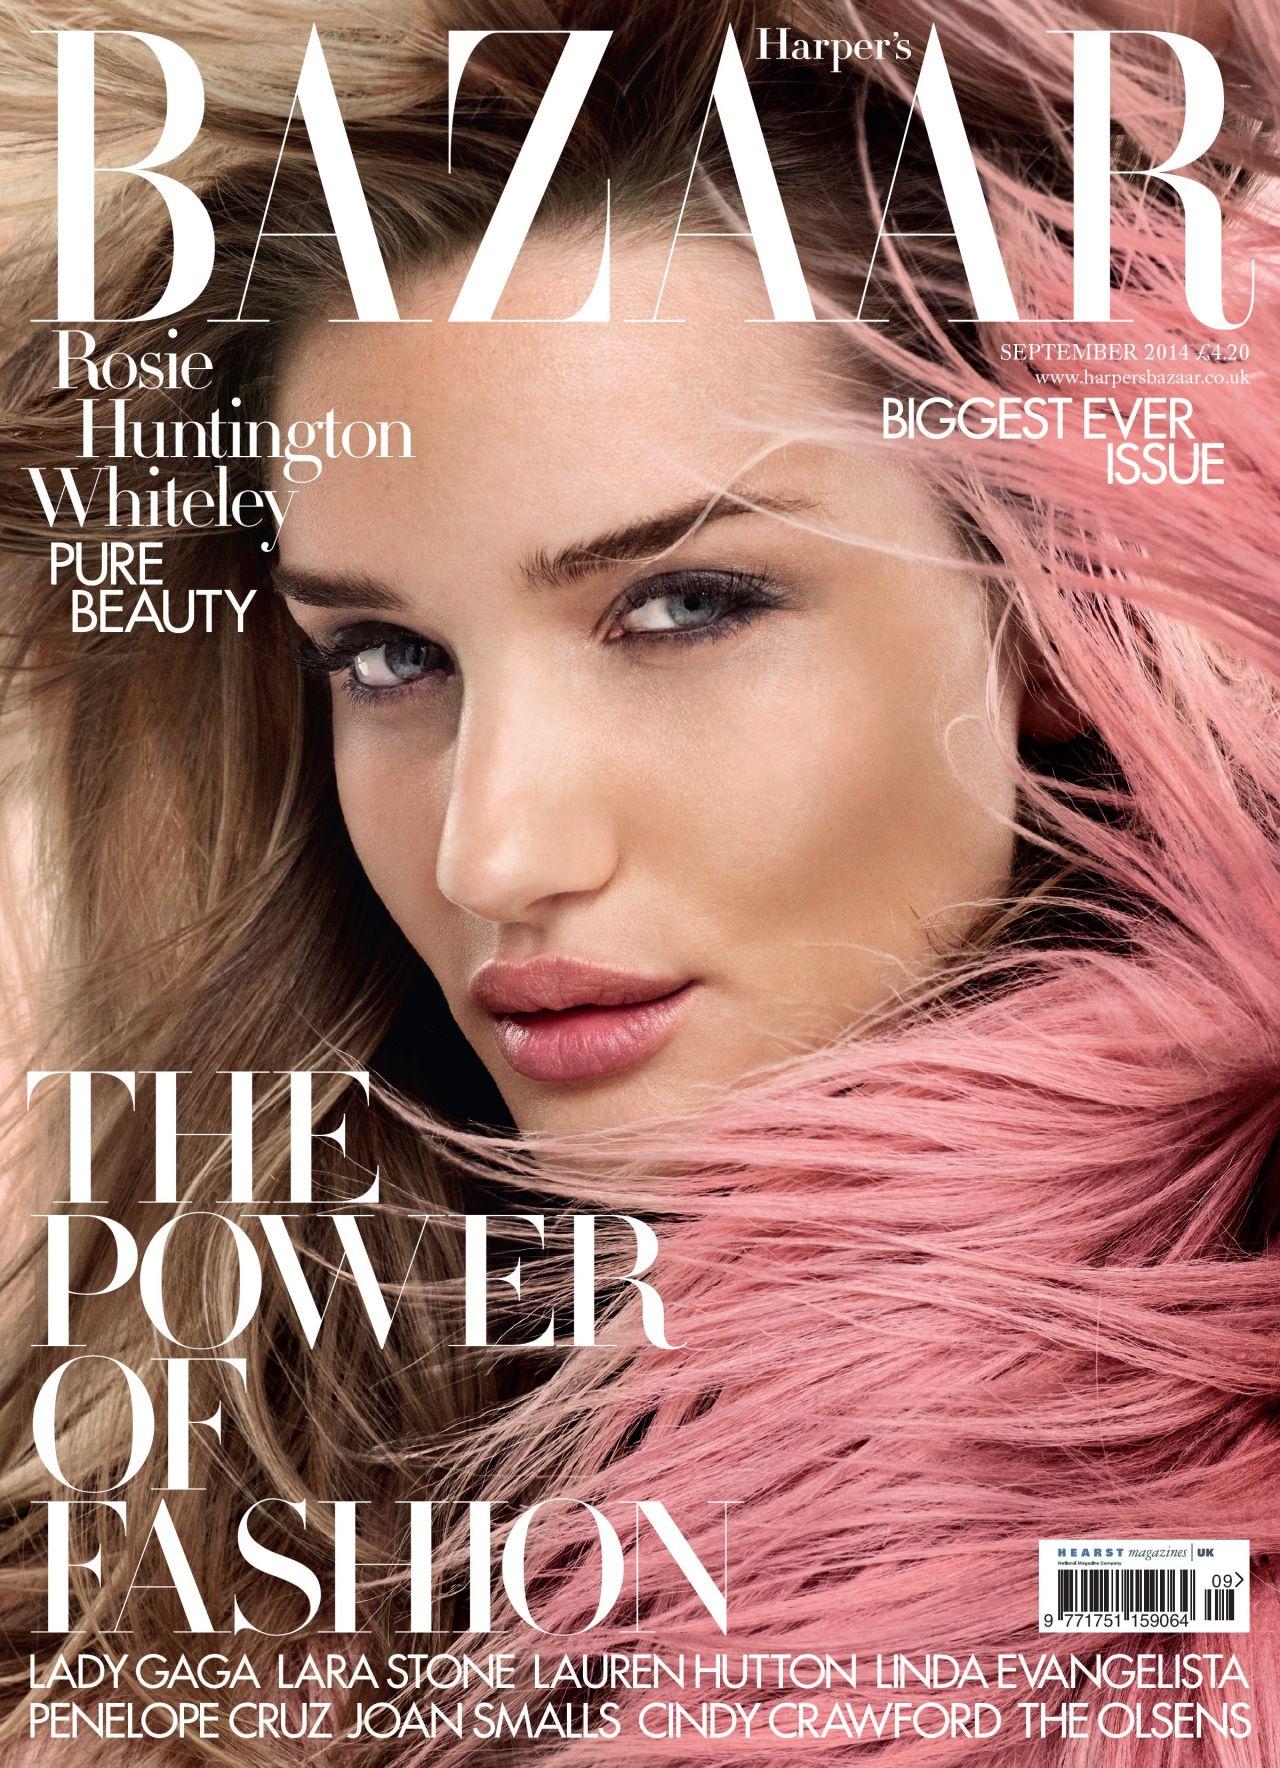 rosie-huntington-whiteley-harper-s-bazaar-magazine-uk-september-2014-cover_1.jpg